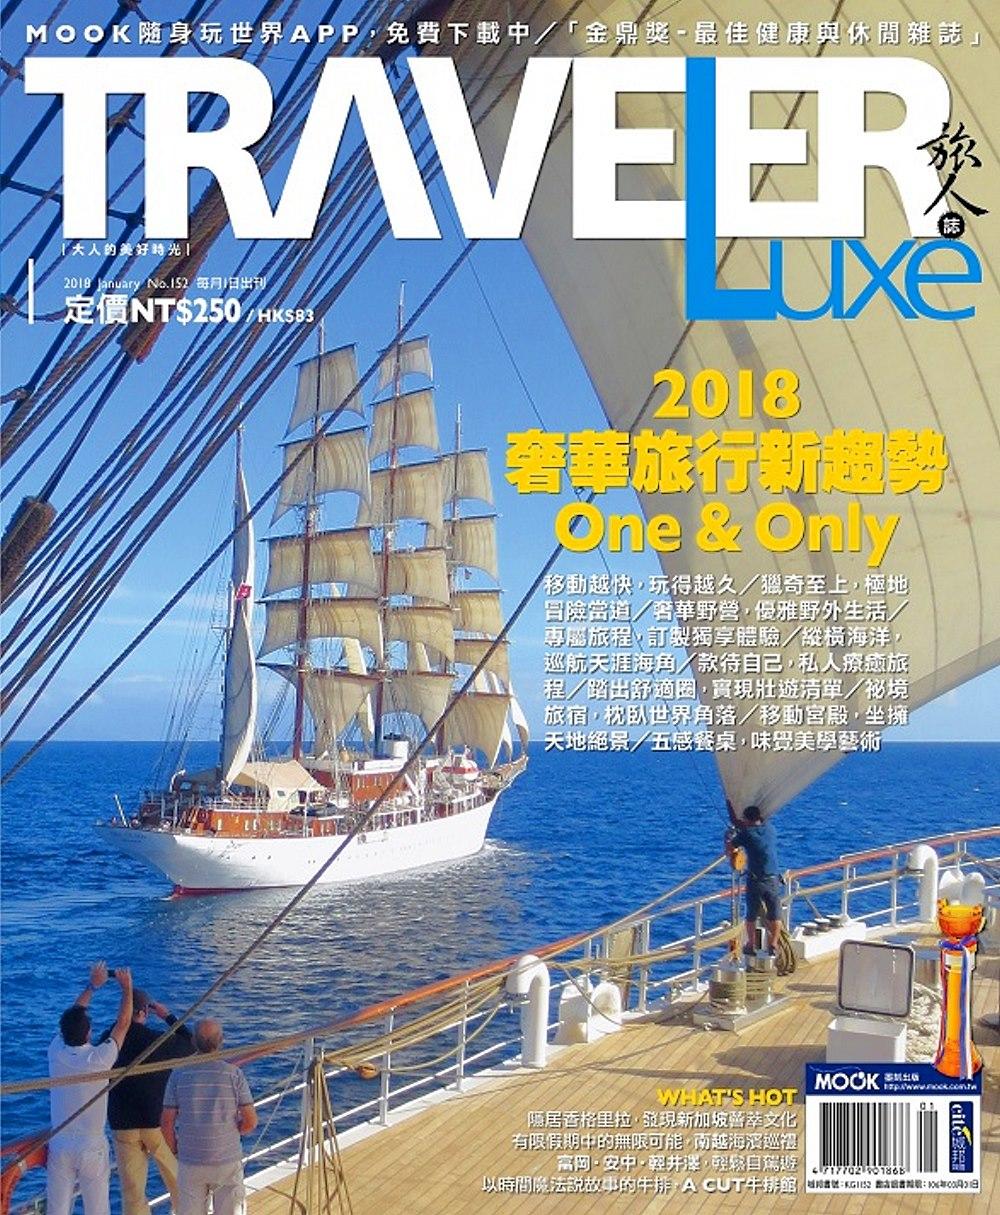 TRAVELER LUXE 旅人誌 1月號/2018 第152期+【anello日本銷售